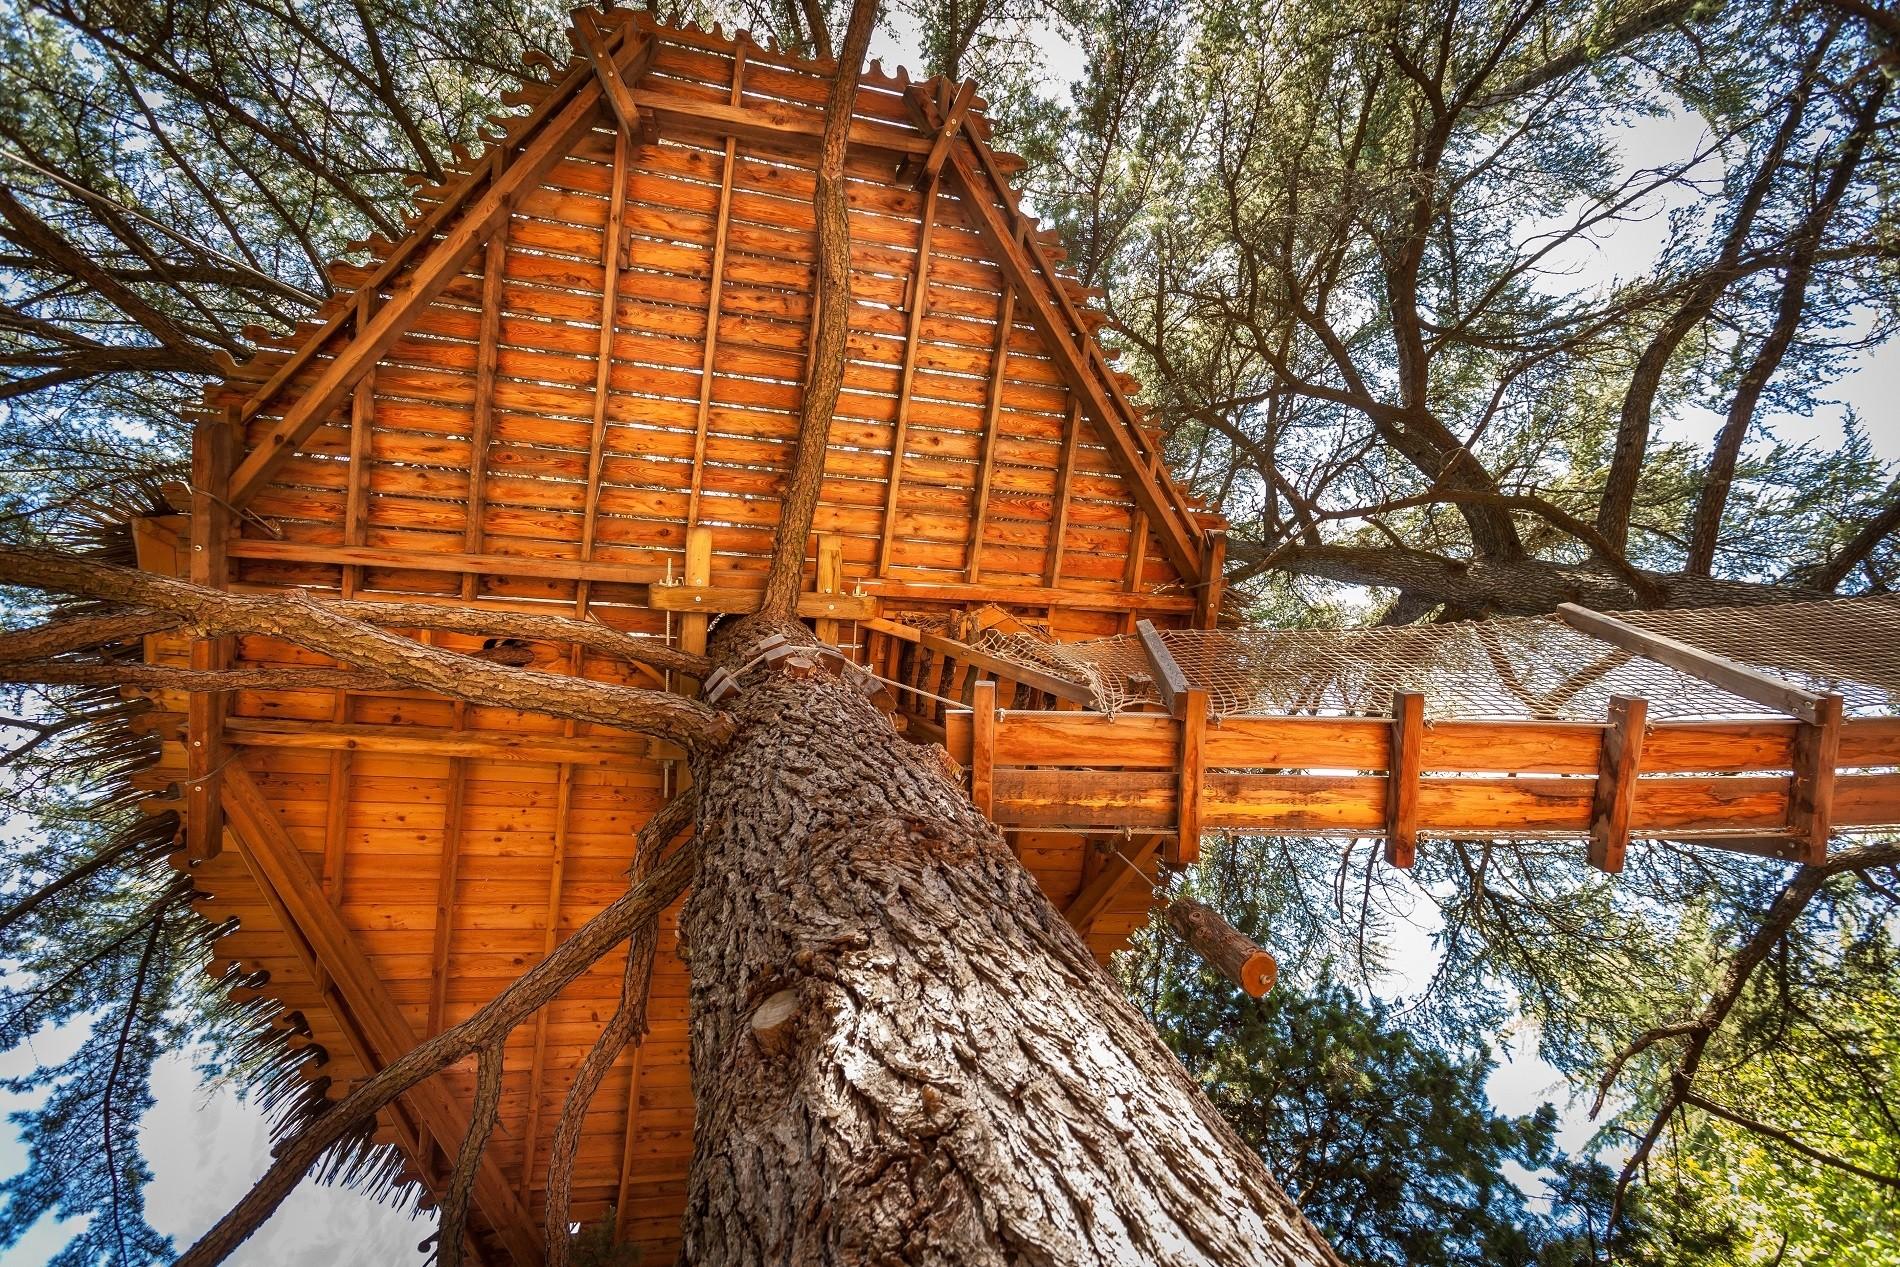 Photo 6 extérieur - Cabanes dans les arbres - Grand Duc -hébergement insolite à Montpellier - Oenotourisme - Domaine saint Jean de l'Arbousier, Castries, Hérault